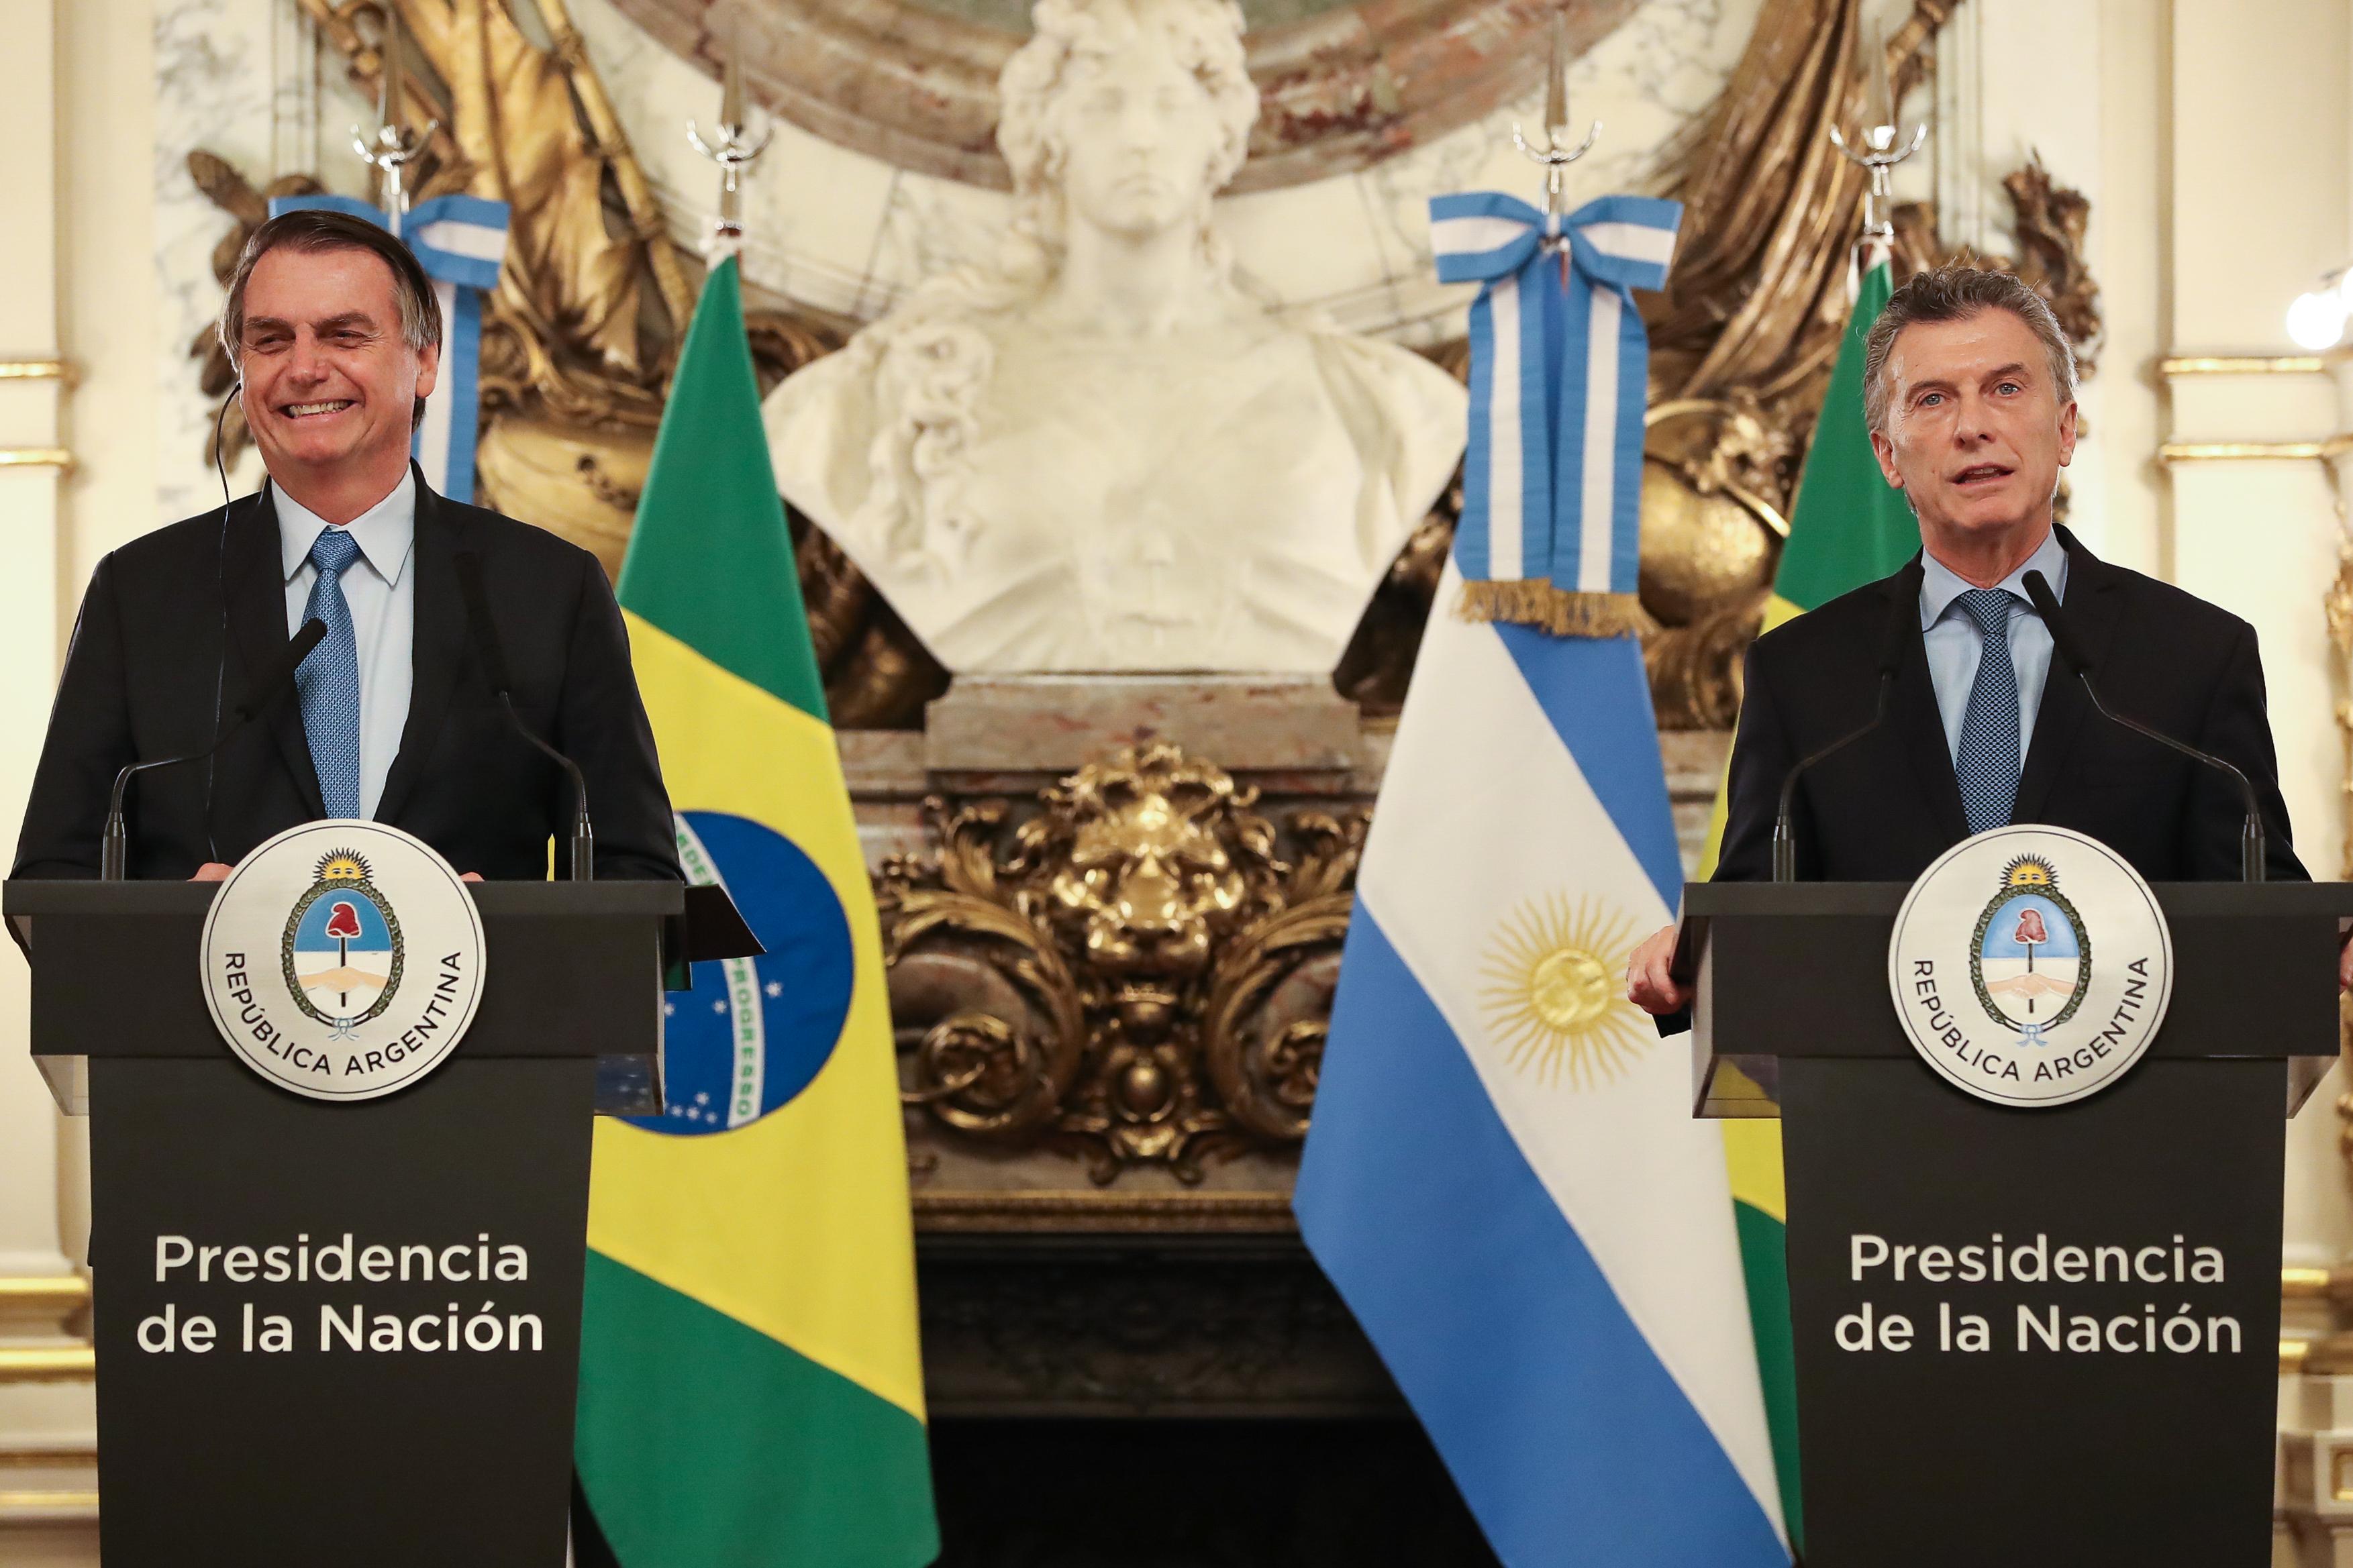 """IMAGEM: Declarações de Bolsonaro sobre Fernández foram """"inapropriadas"""", diz chanceler de Macri"""